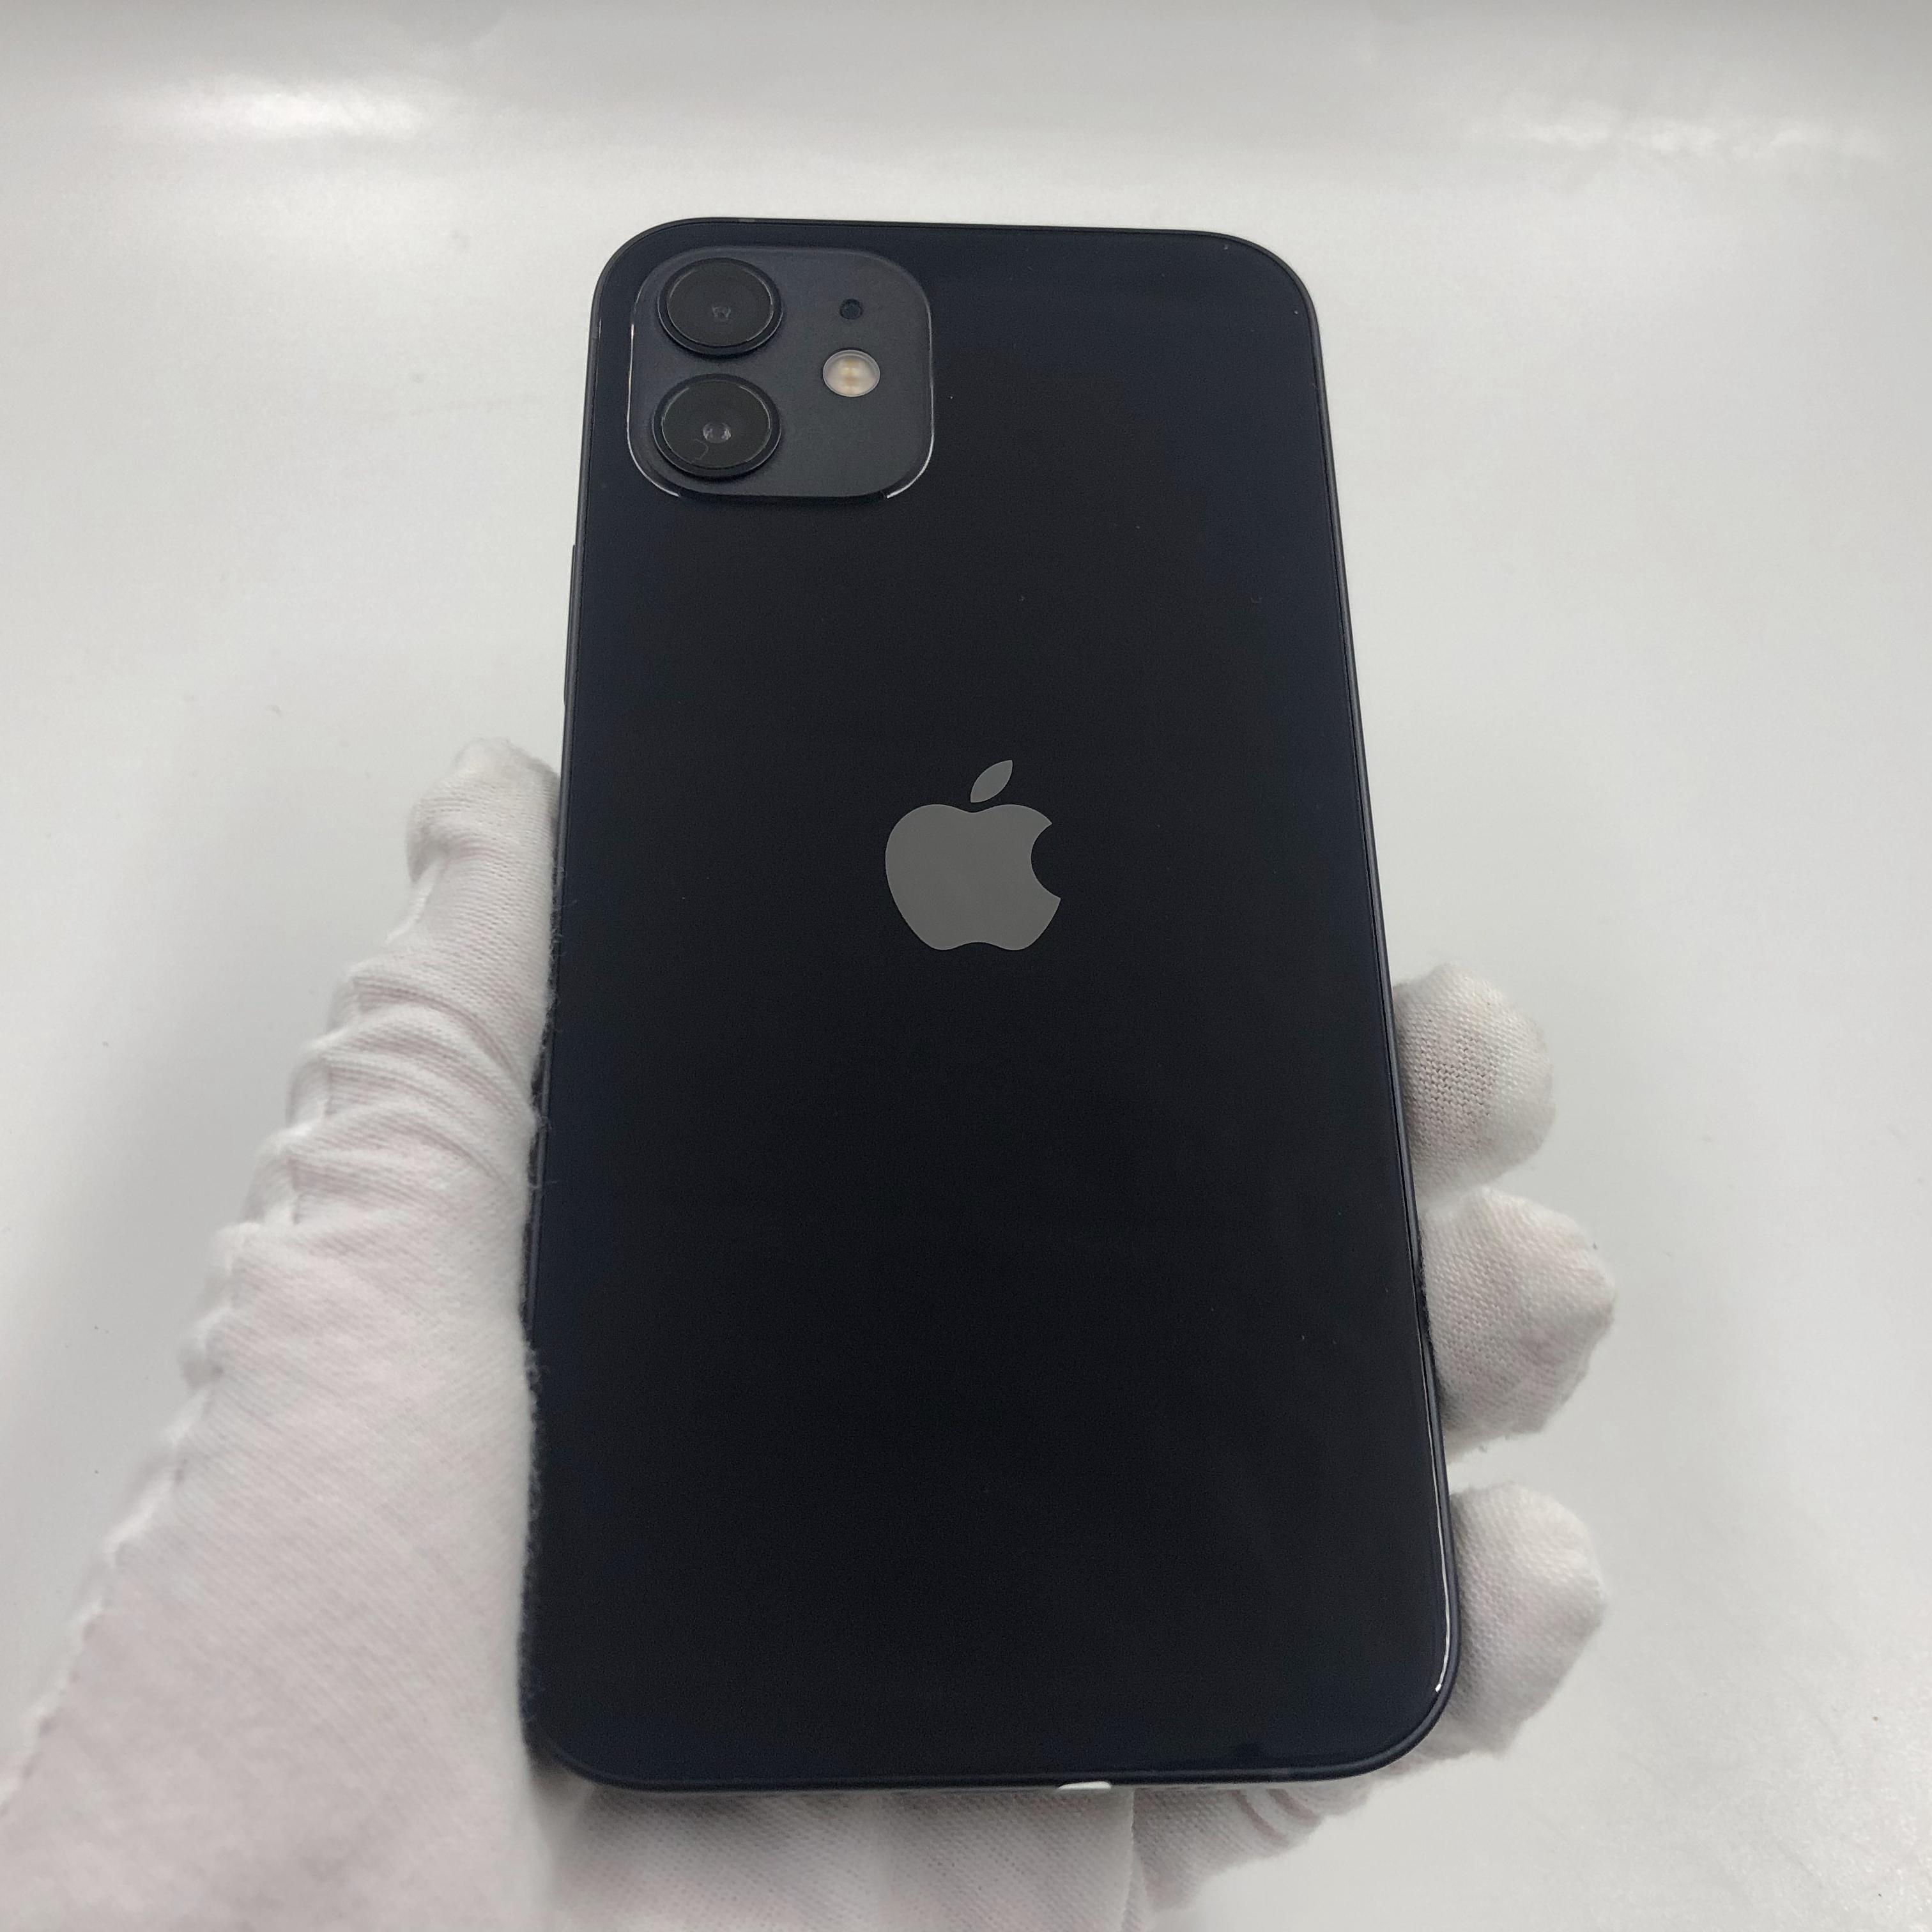 苹果【iPhone 12】5G全网通 黑色 64G 国行 95新 真机实拍保修2022-03-07